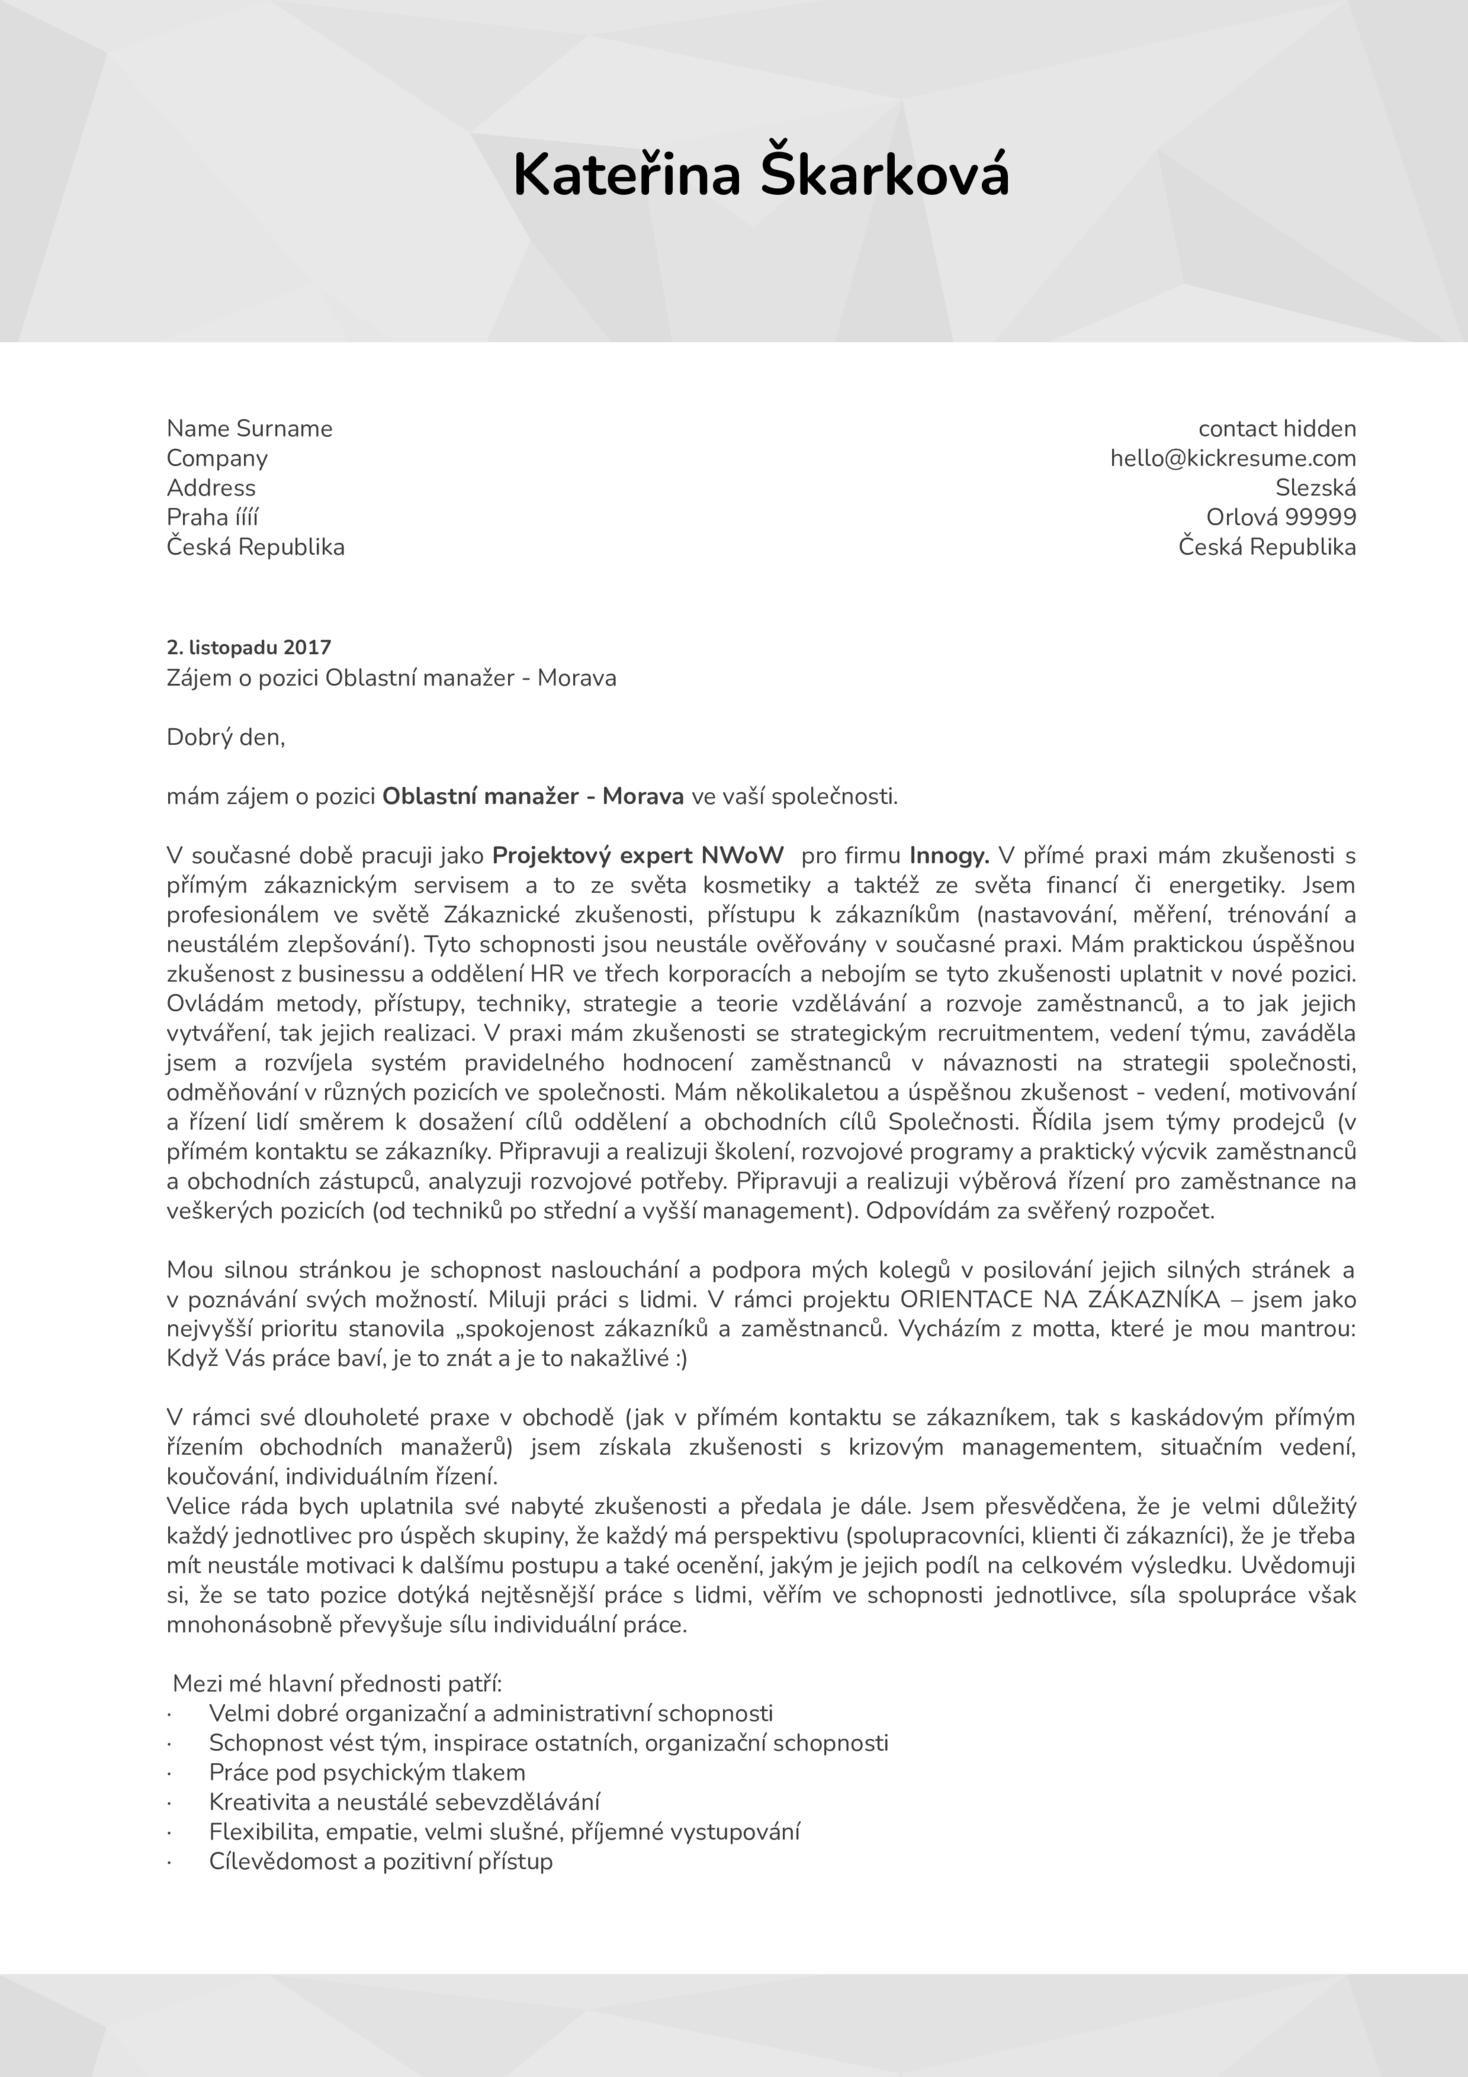 Projektový expert - Vzor motivačního dopisu [CZ] (parte 1)